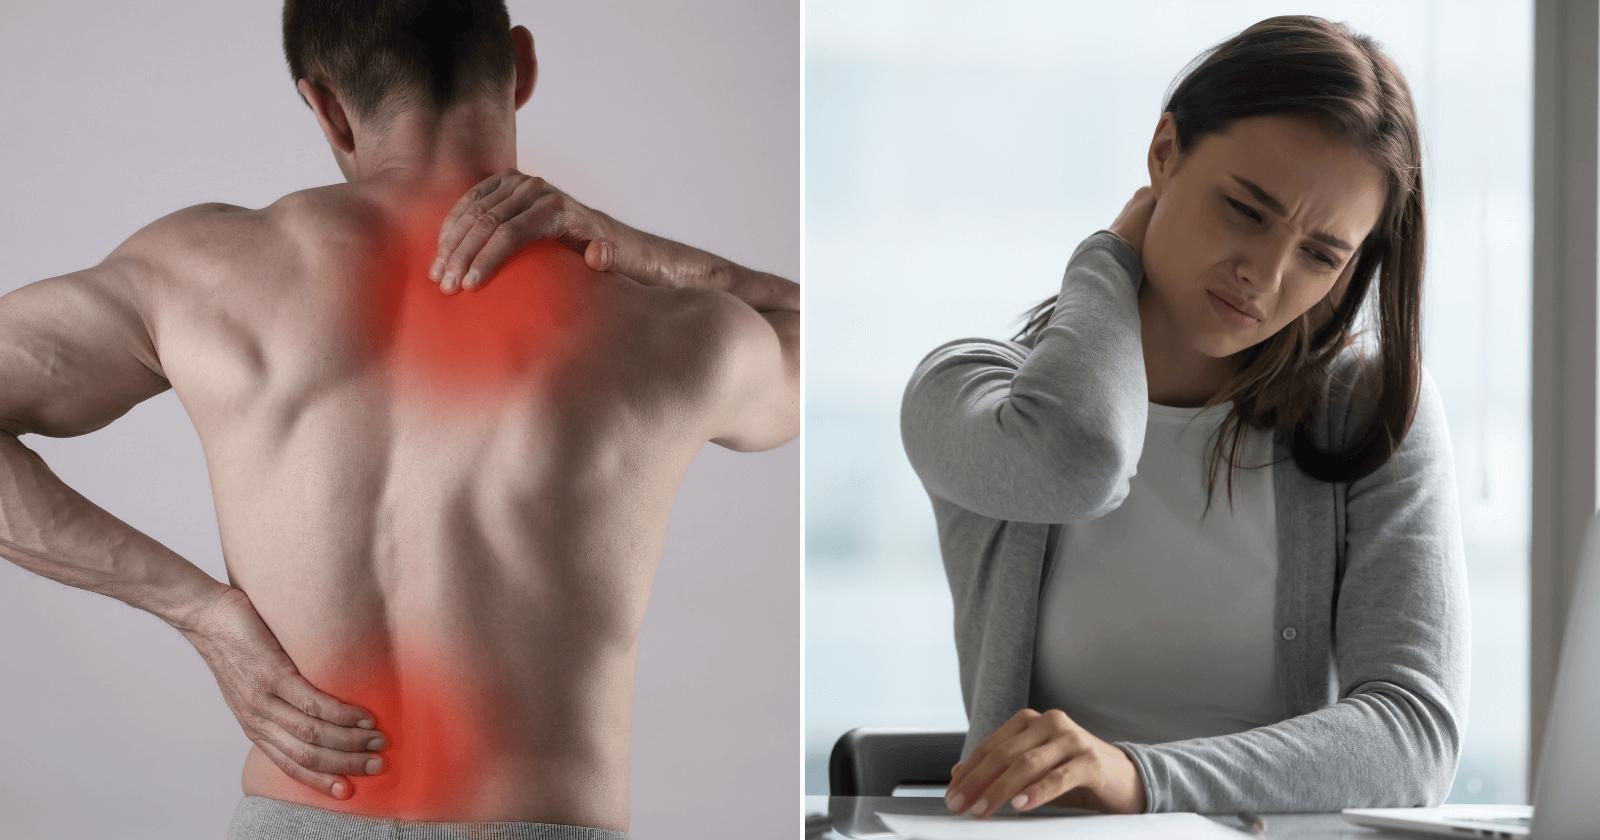 9 sintomas SÉRIOS que podem indicar fibromialgia: esteja alerta!